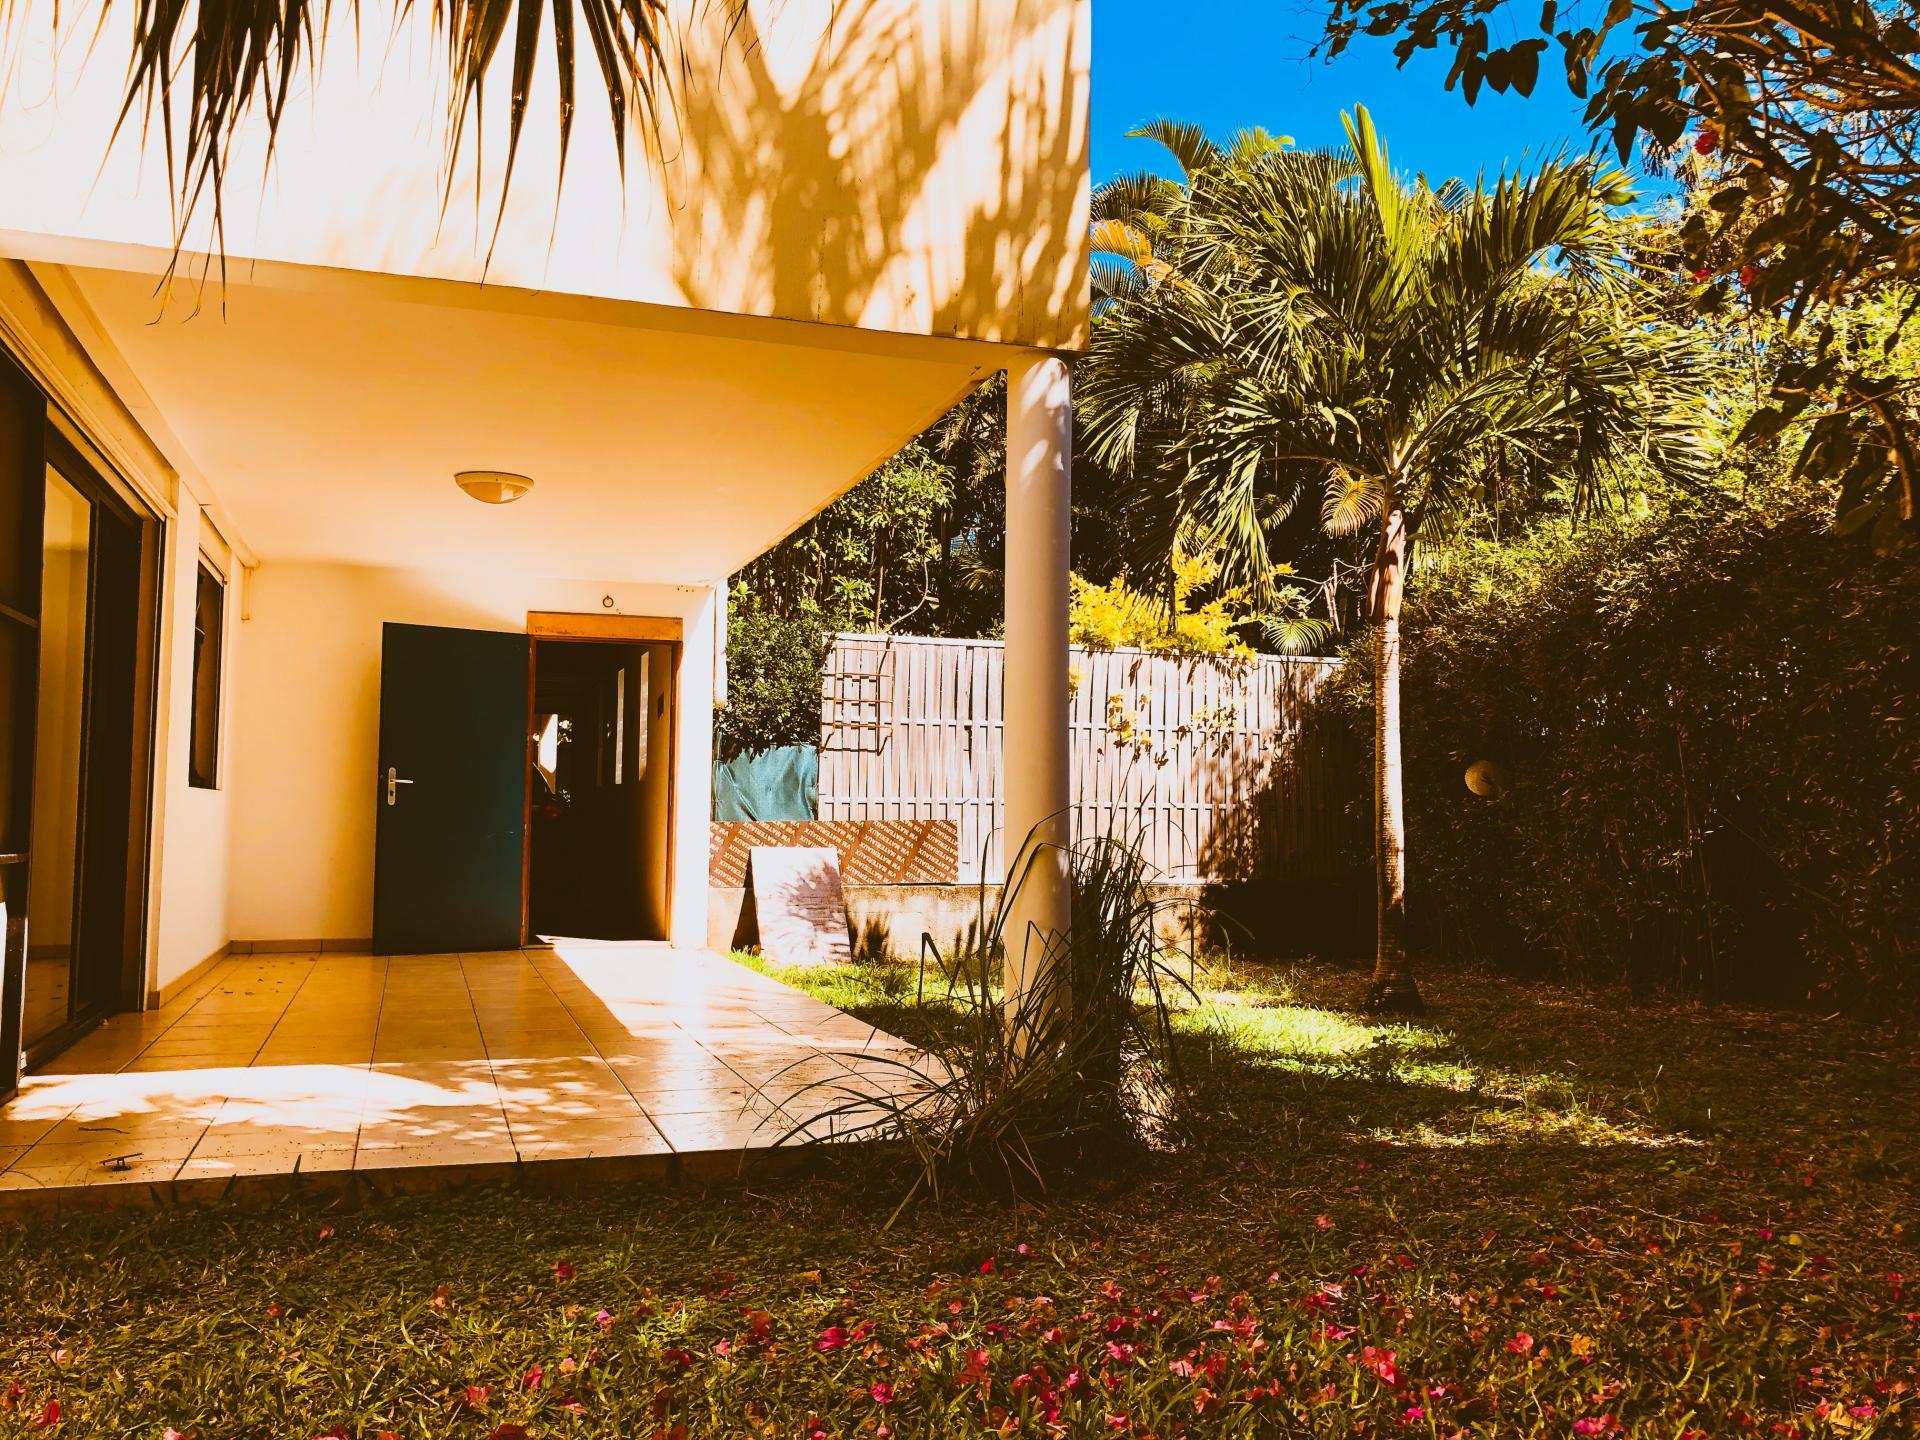 Appartement T3 en rez-de-jardin à Terre Sainte (SAINT PIERRE - Réunion)